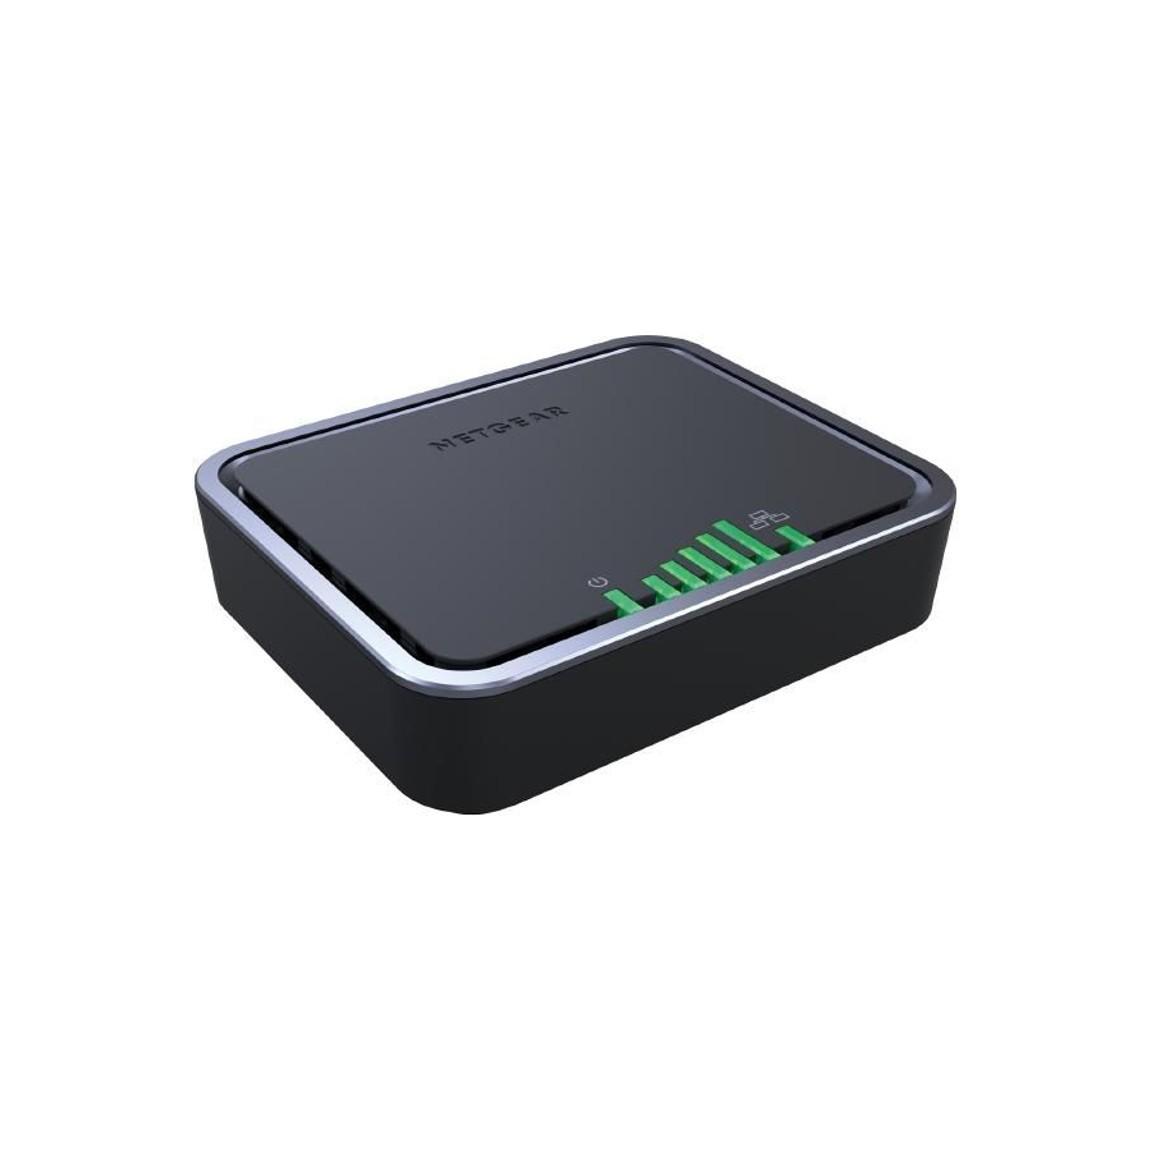 NETGEAR 4G LTE Modem LB1111